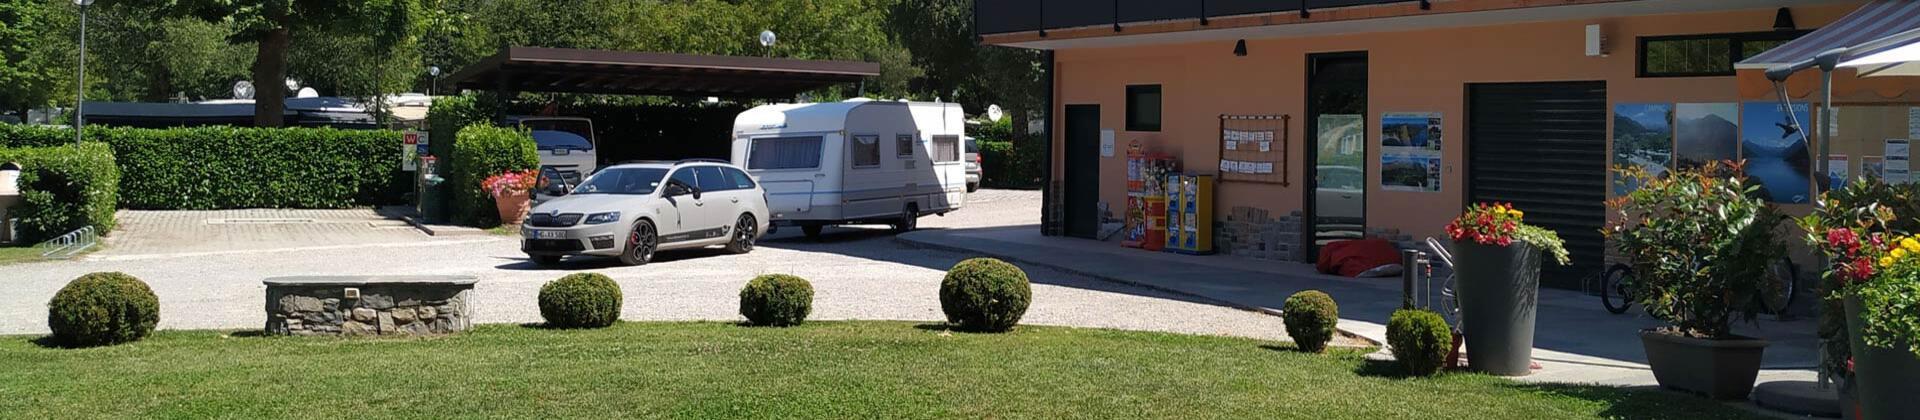 campingdarna it contatti 013